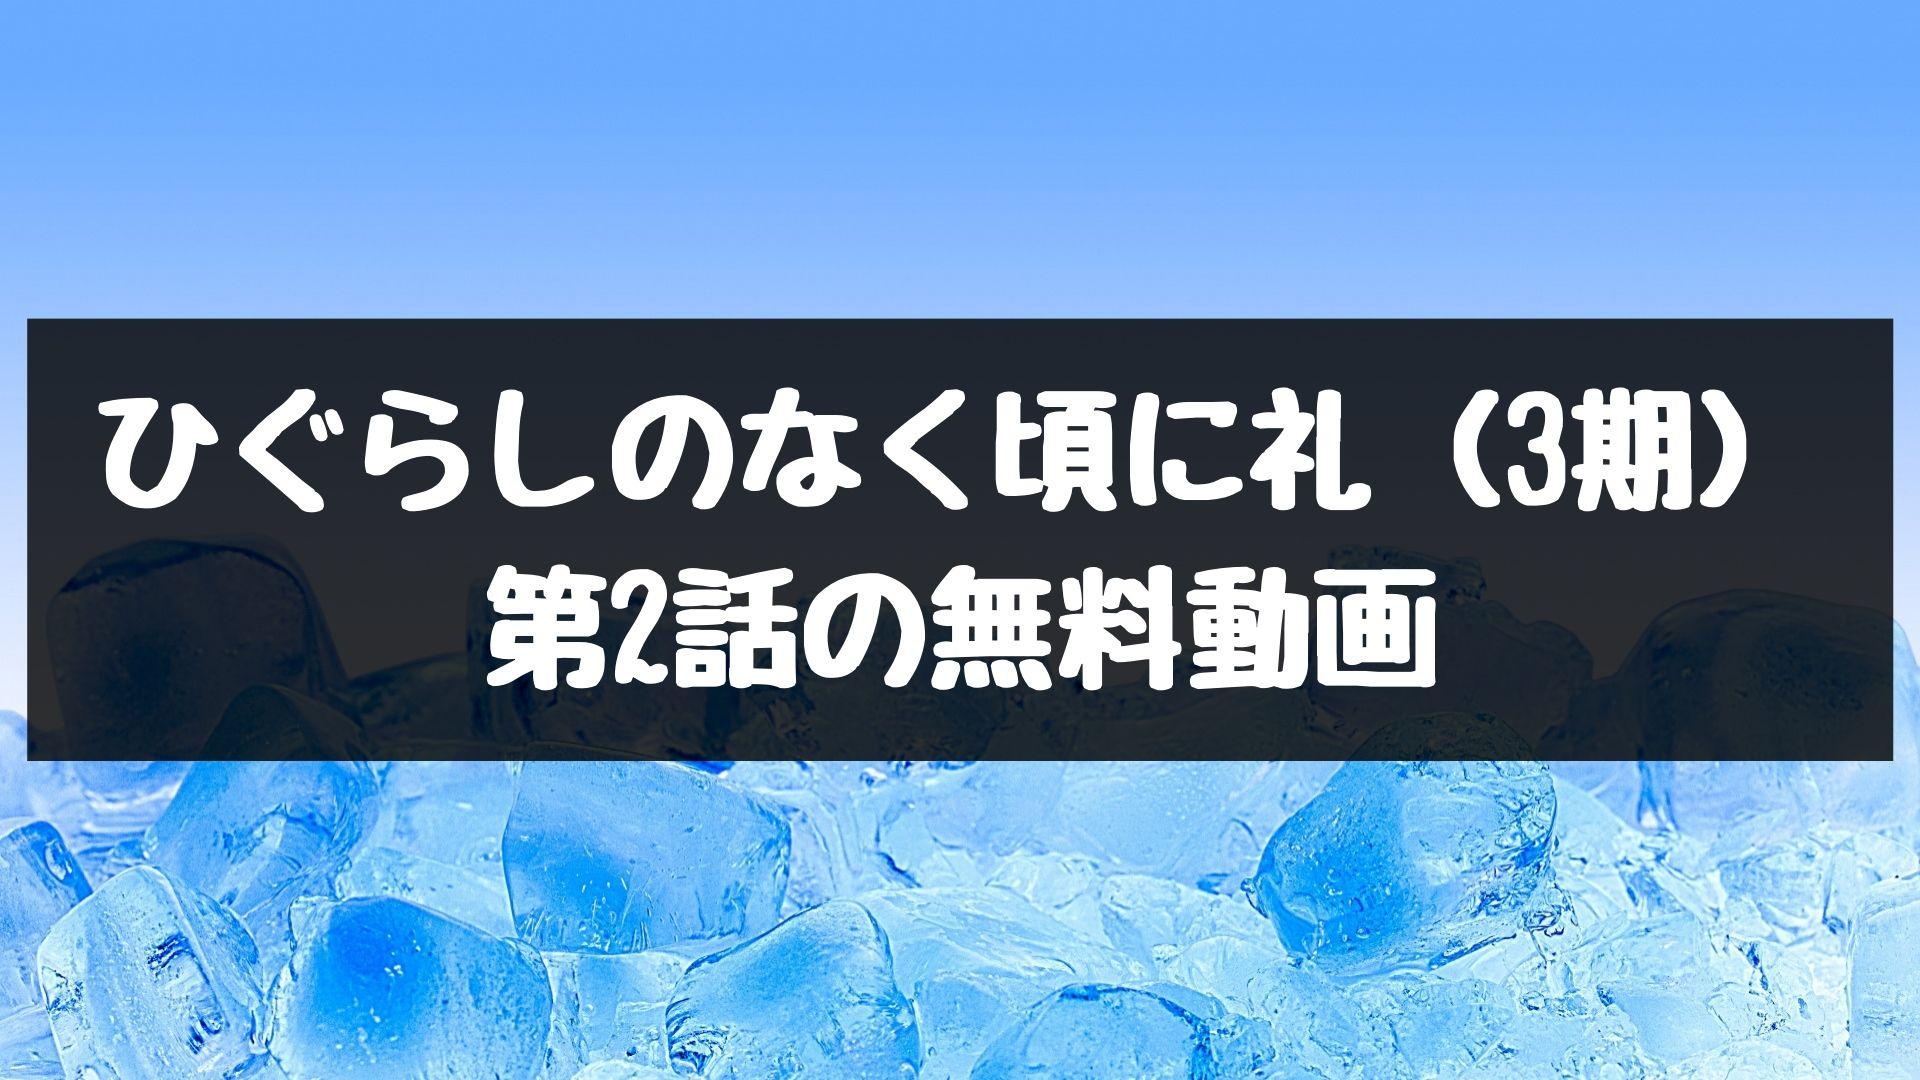 ひぐらしのなく頃に礼(3期) 第2話の無料動画